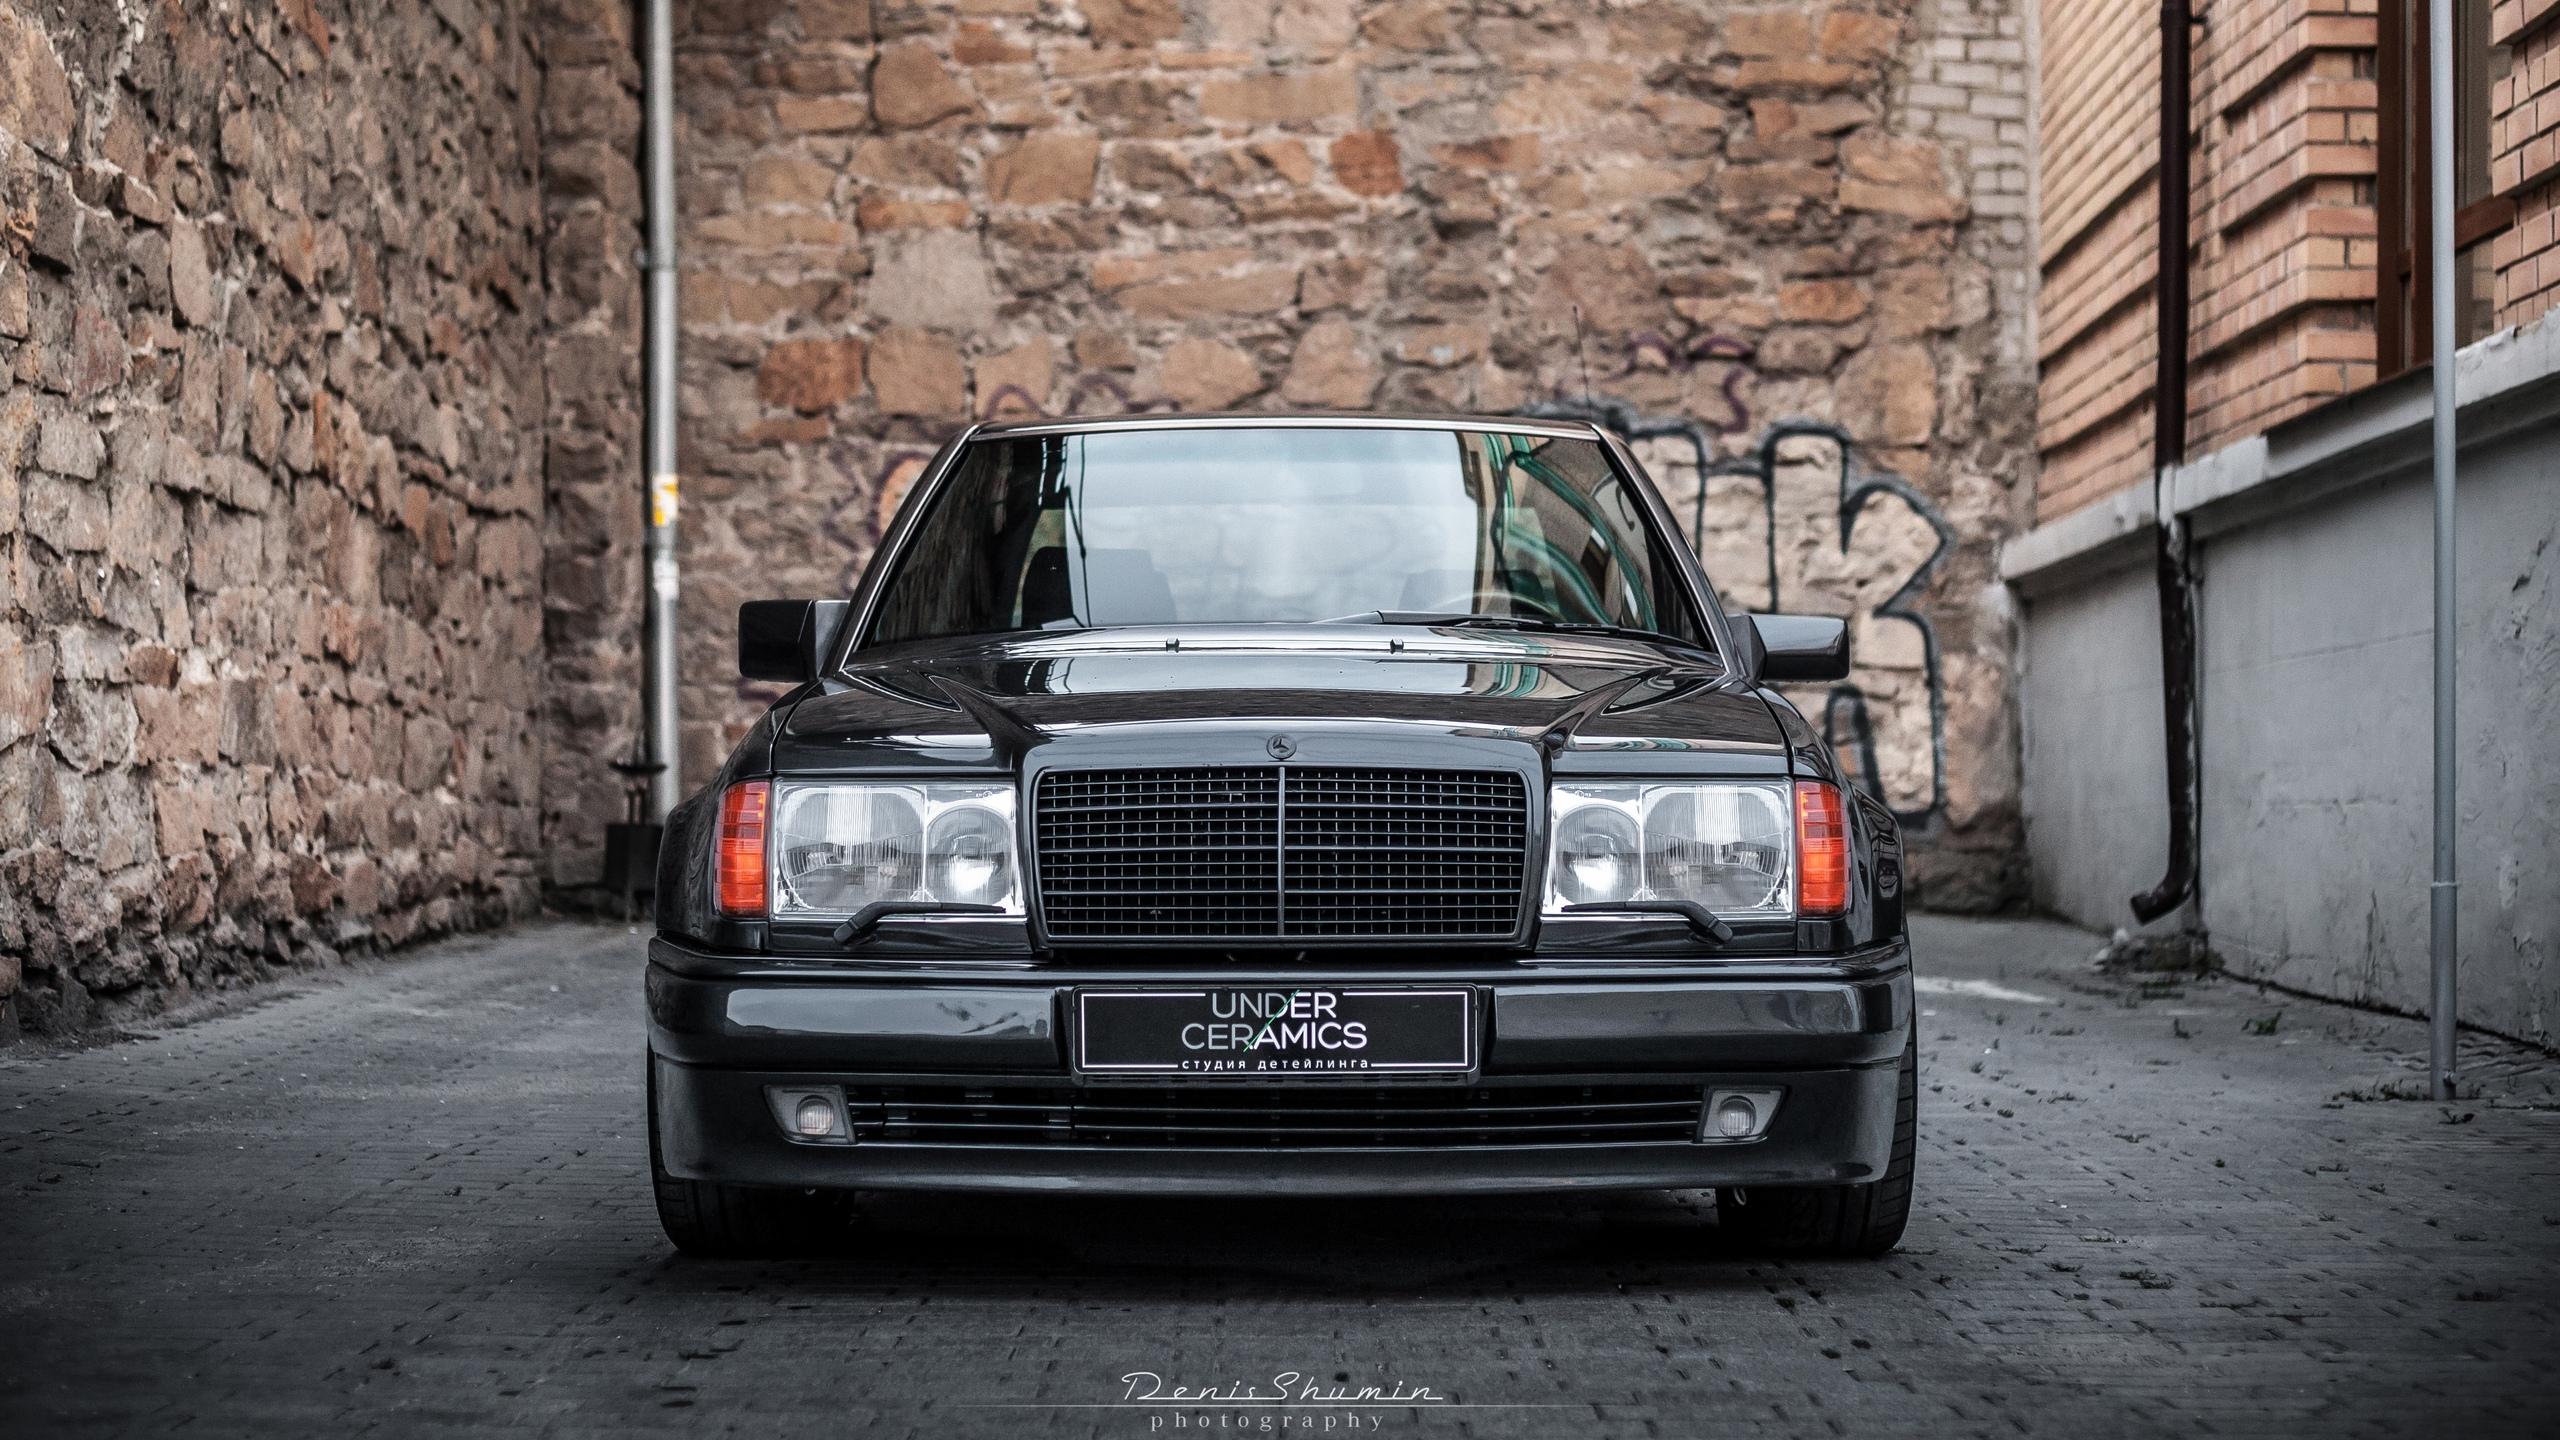 Одна из самых удачных моделей Brabus – W124 6.0, построенный на базе Mercedes-Benz 500E. Вышедшая в 1994 году, она и сейчас очень ценится среди автолюбителей